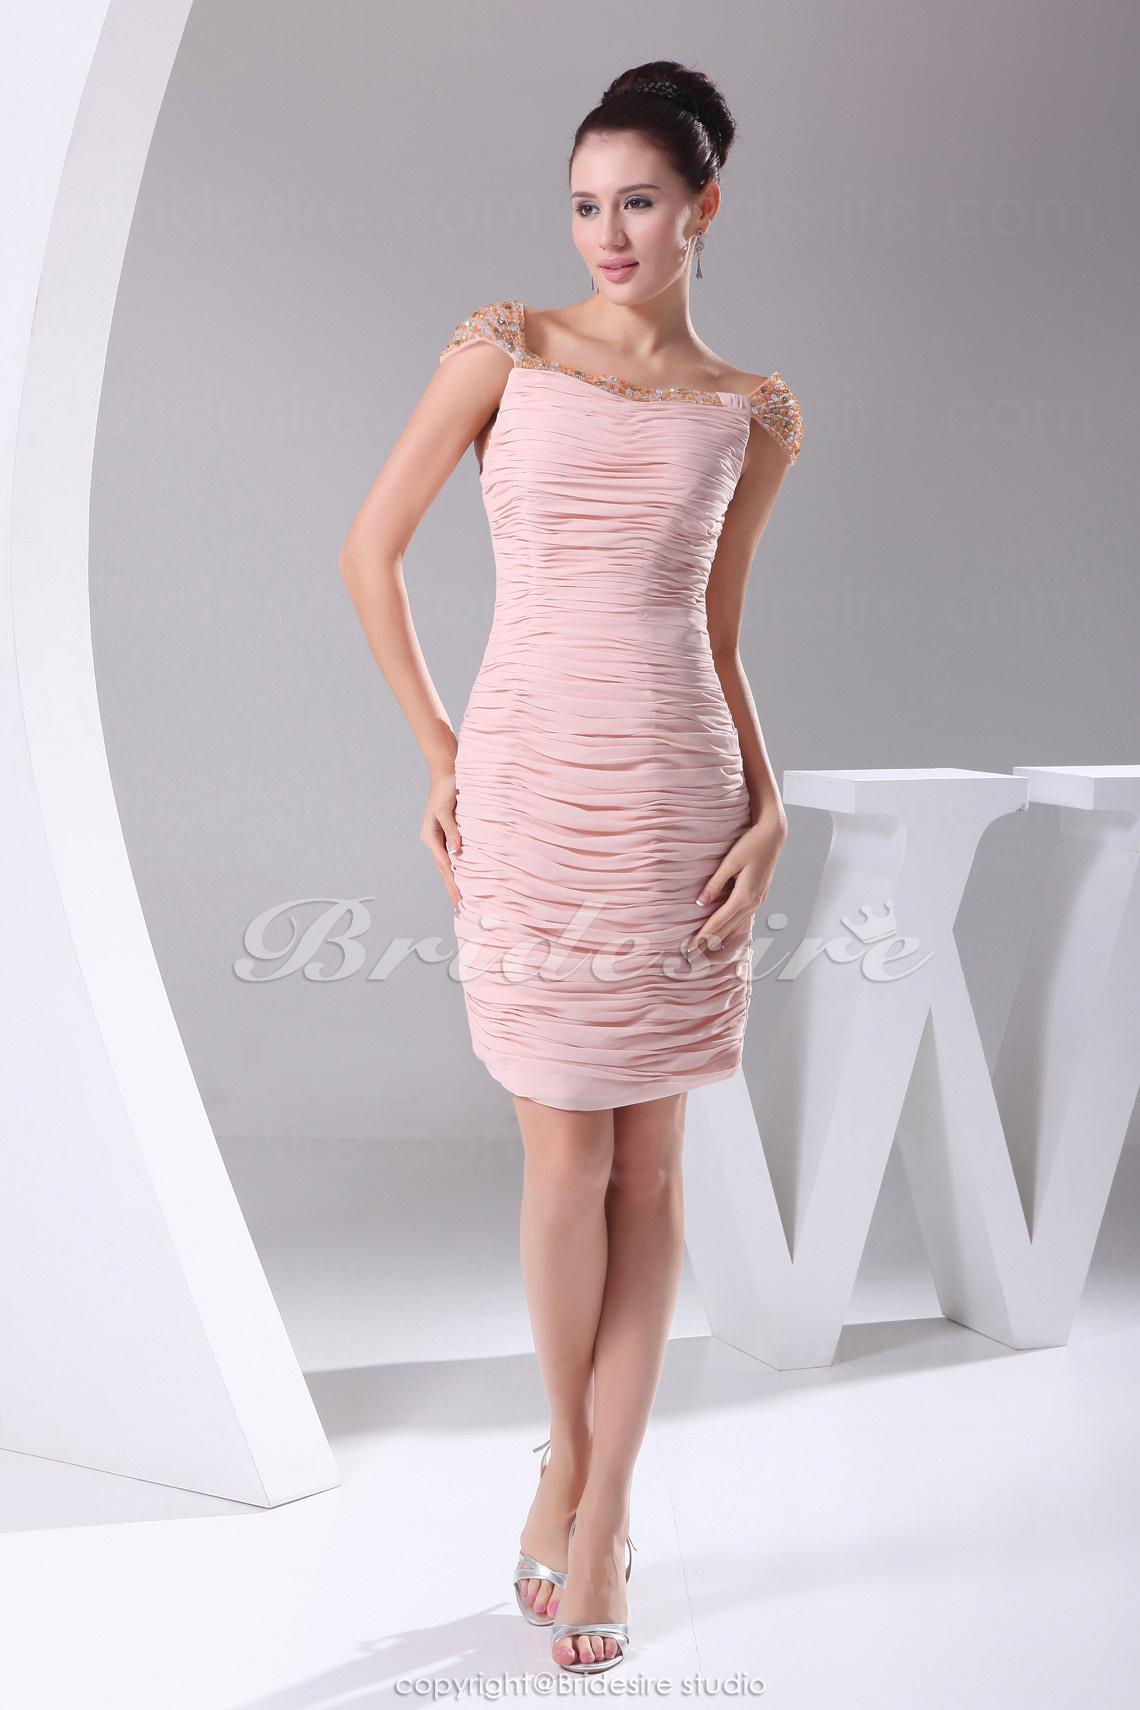 6d02dd6049e4 Etui-Linie Carré-Ausschnitt Kurz/Mini Kurze Ärmel Chiffon Kleid